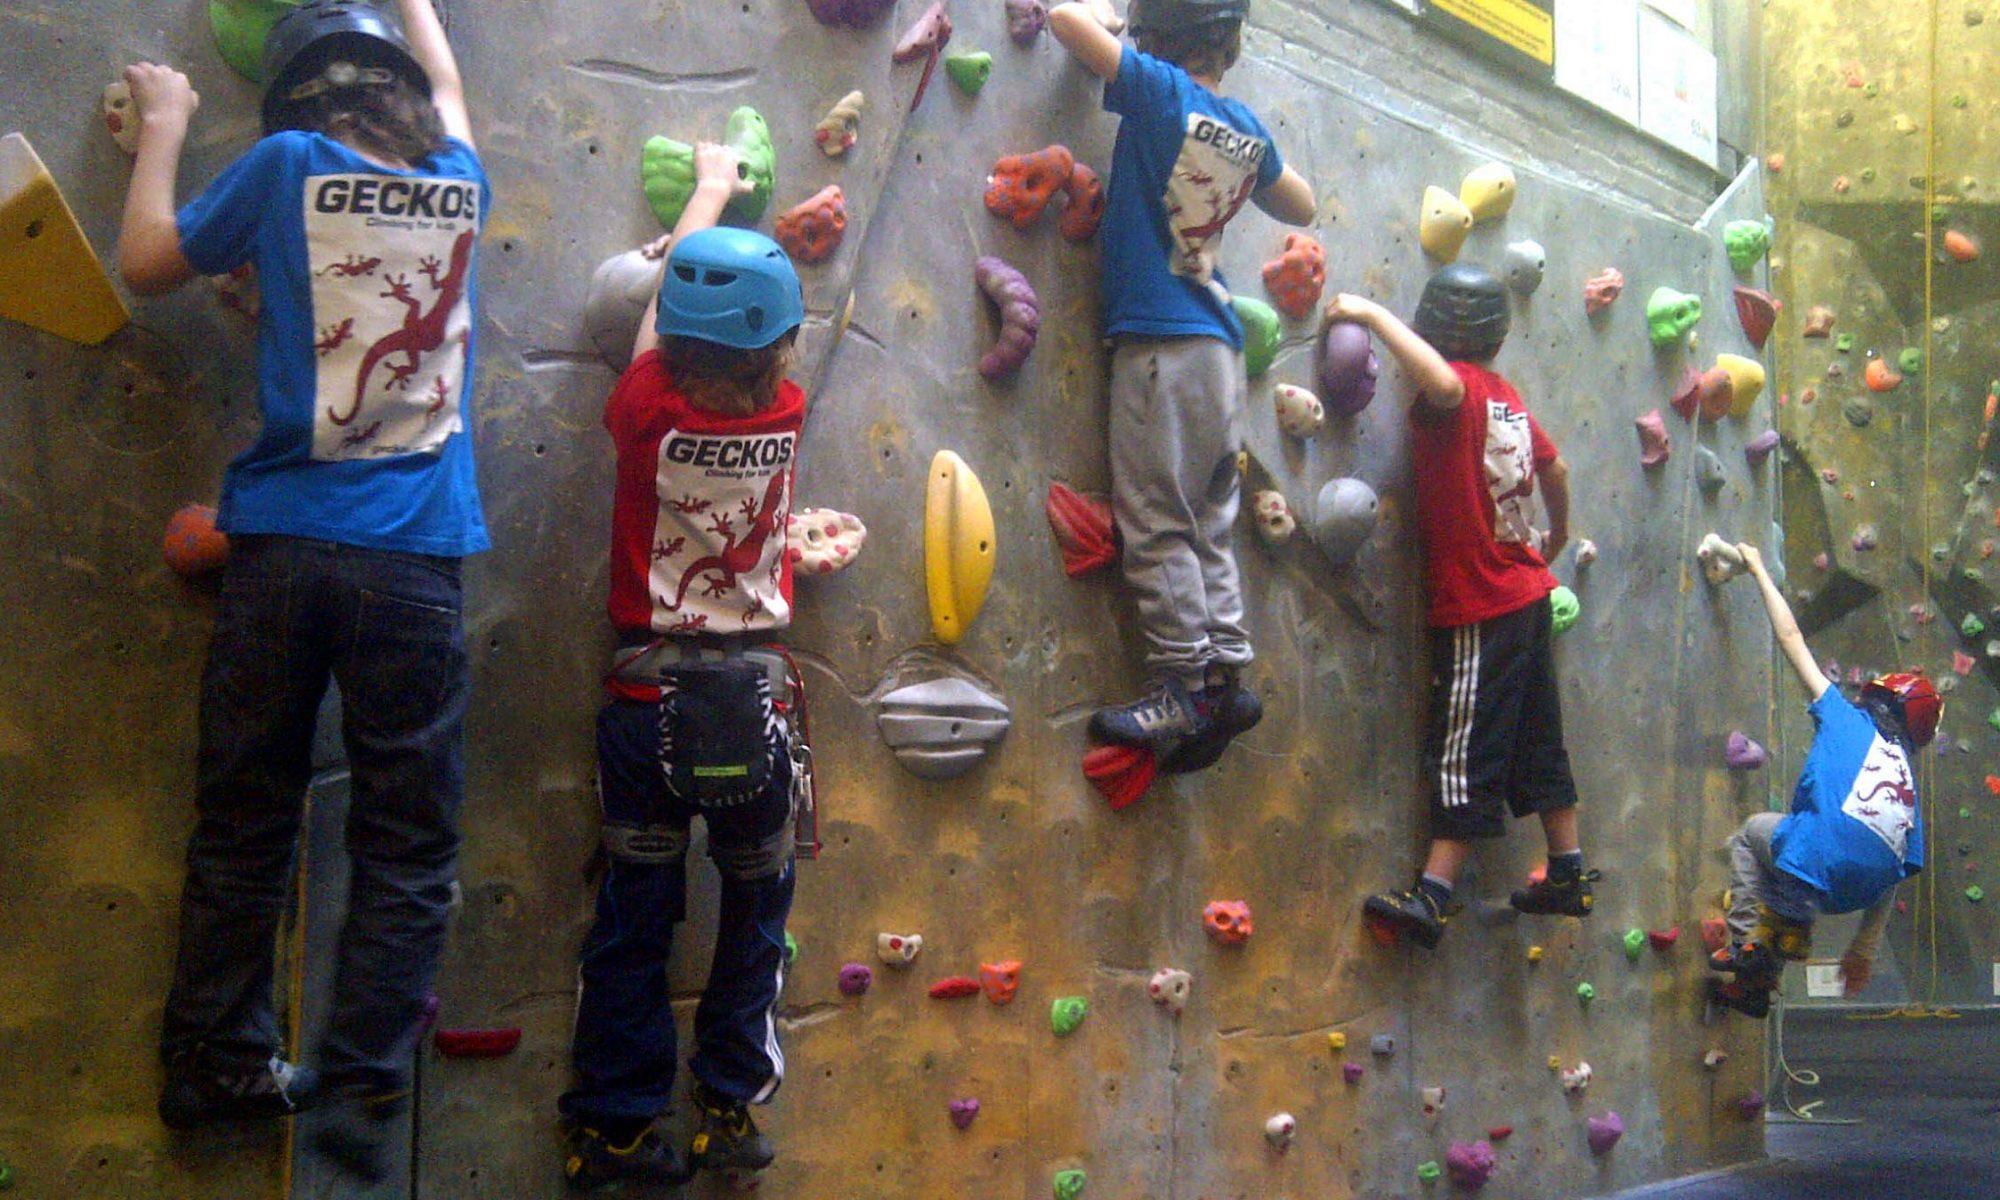 Kids traversing in Geckos shirts